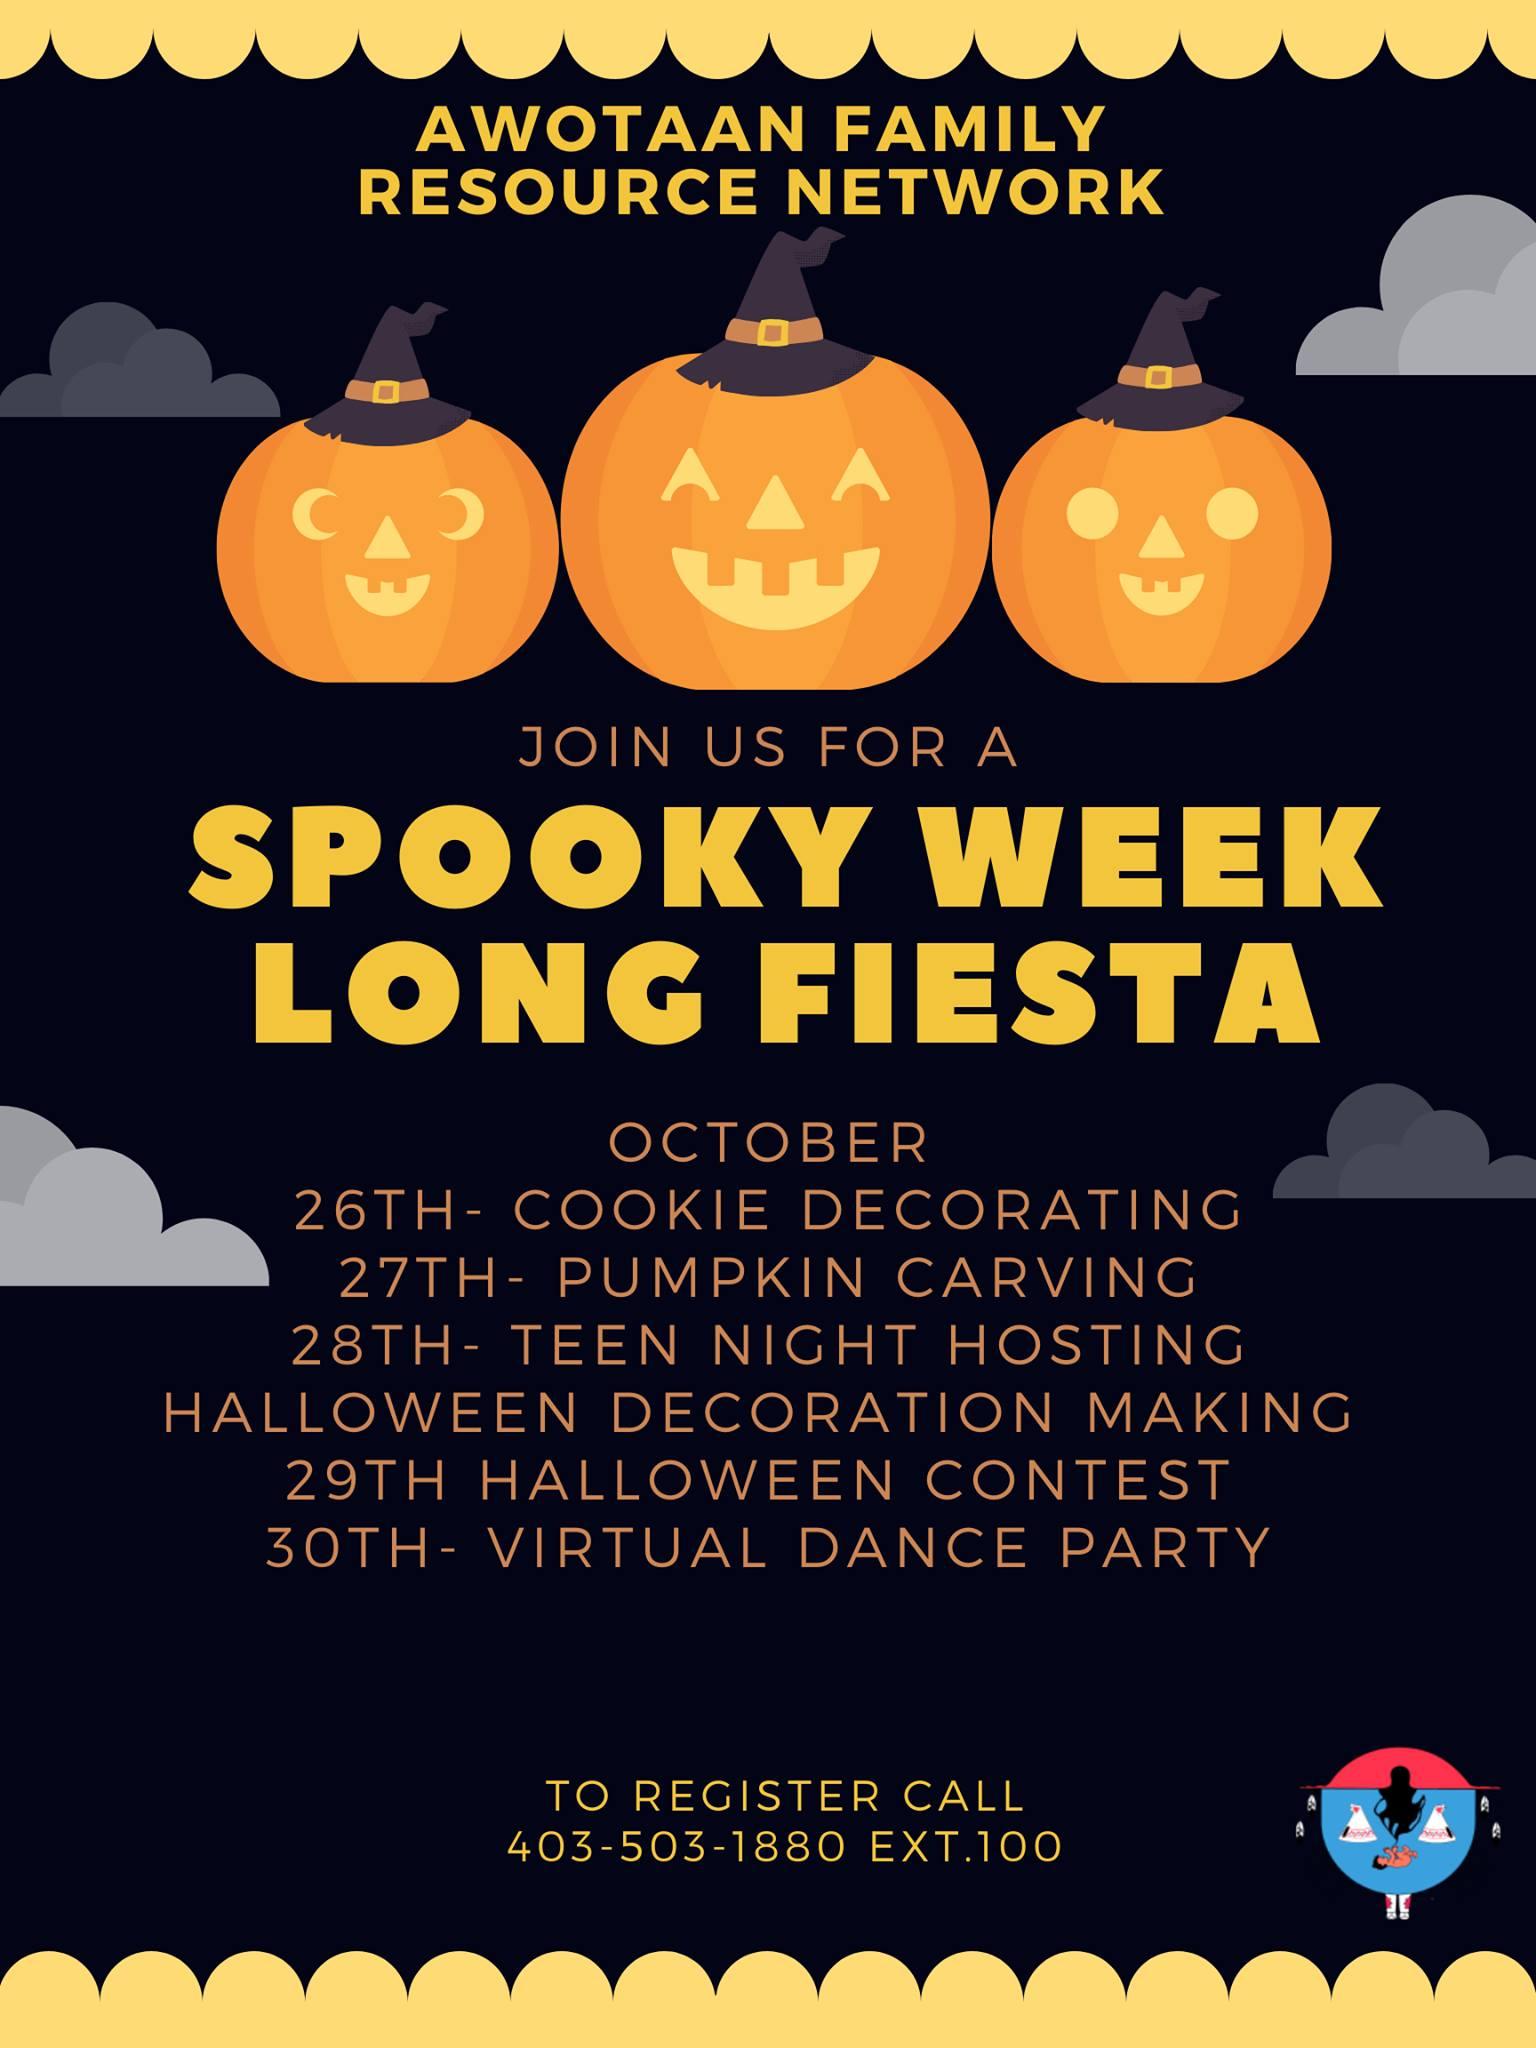 Spooky week